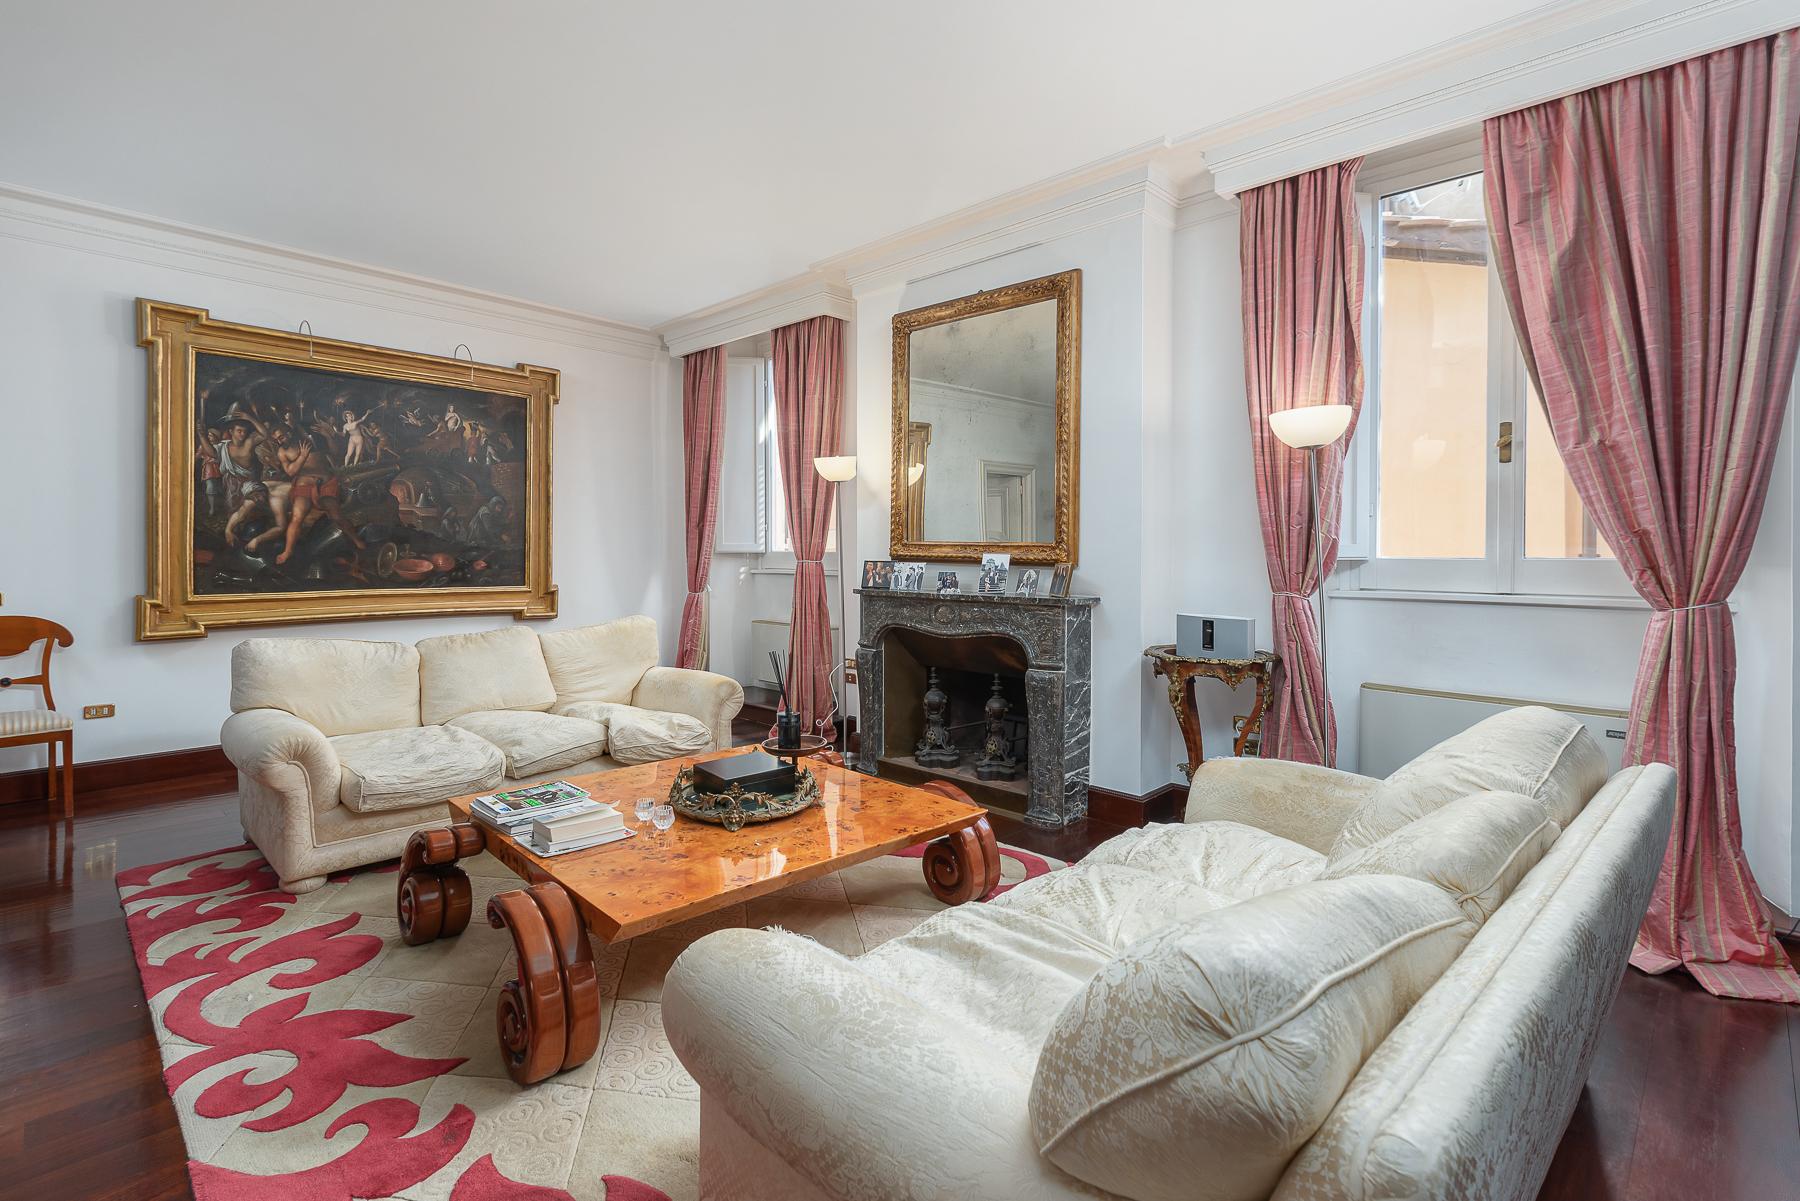 Appartamento in Vendita a Roma 01 Centro Storico: 4 locali, 127 mq